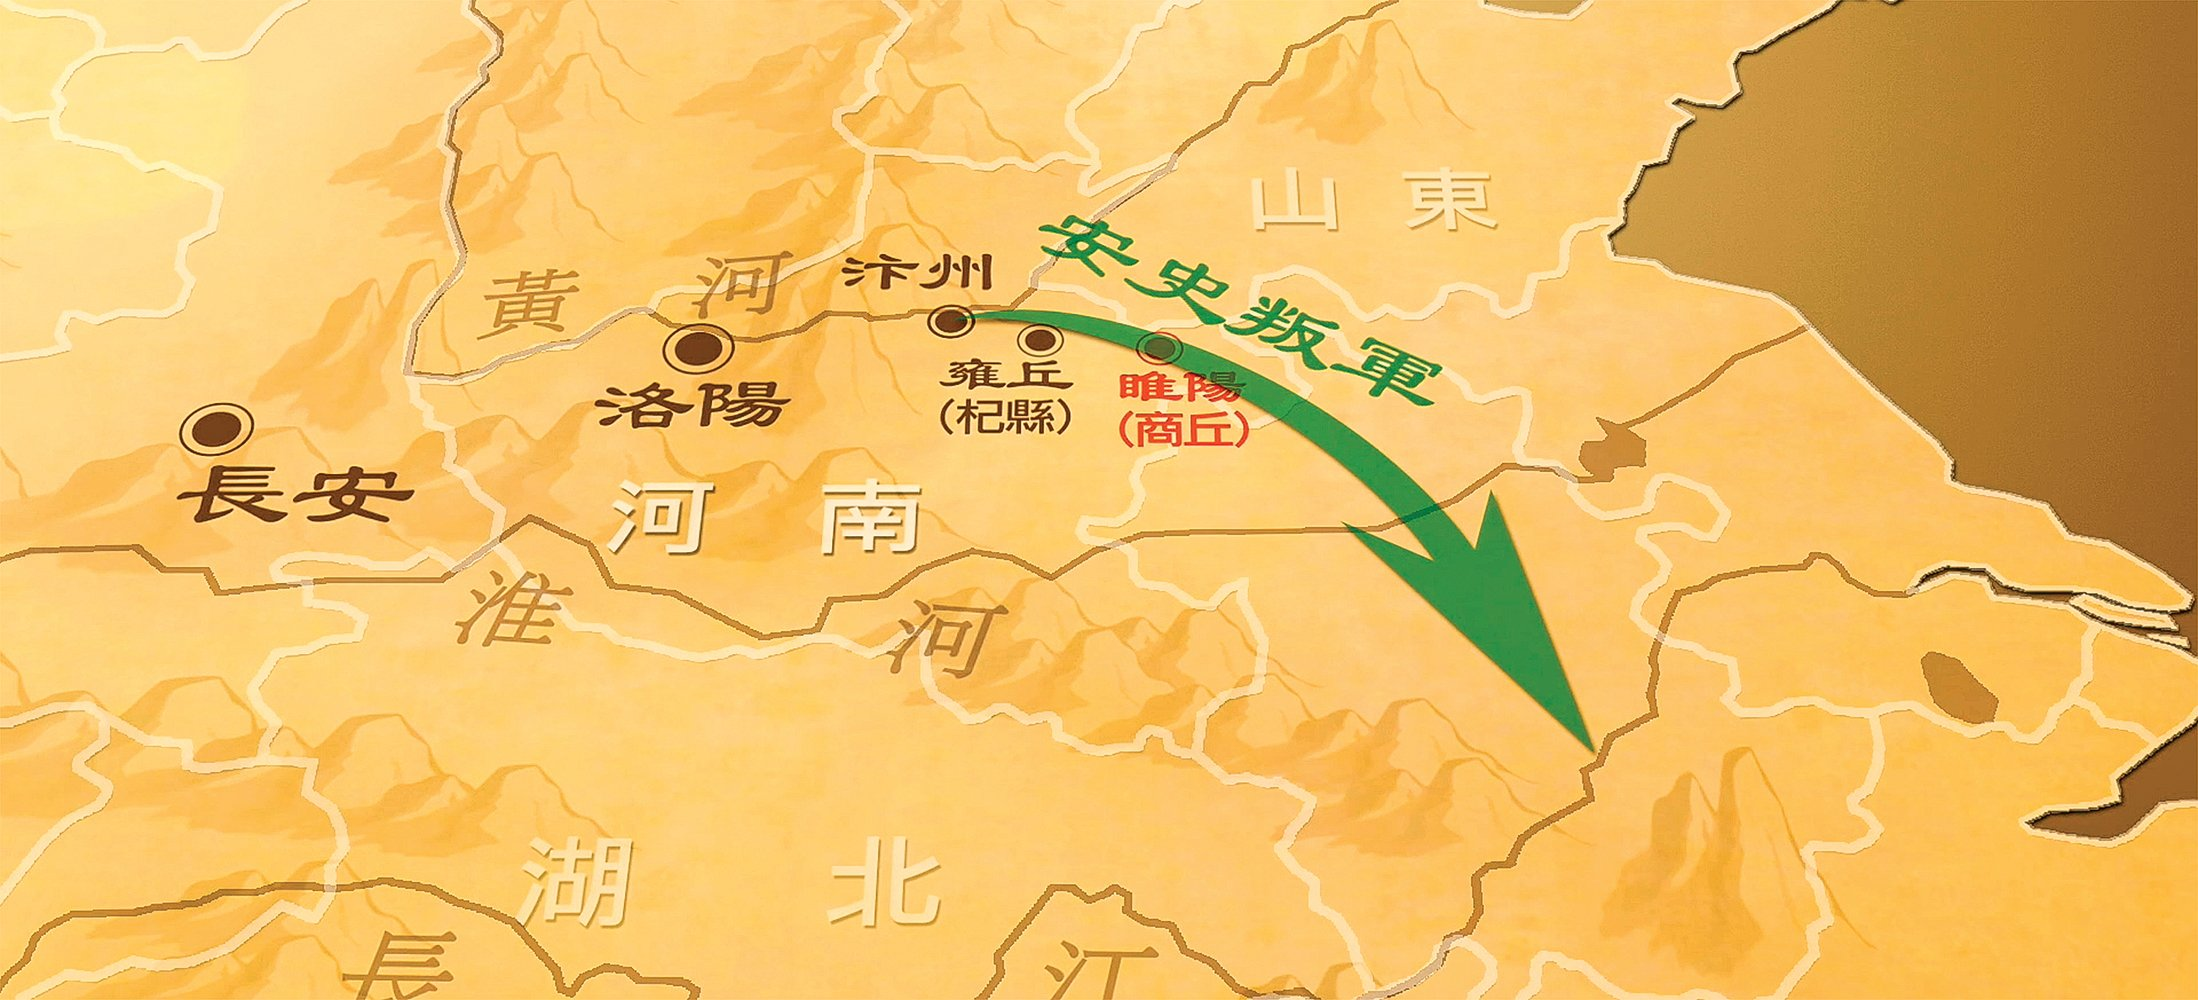 睢陽(今河南商丘)是江淮的門戶,安史叛軍想進攻江淮地區必須經過此地。